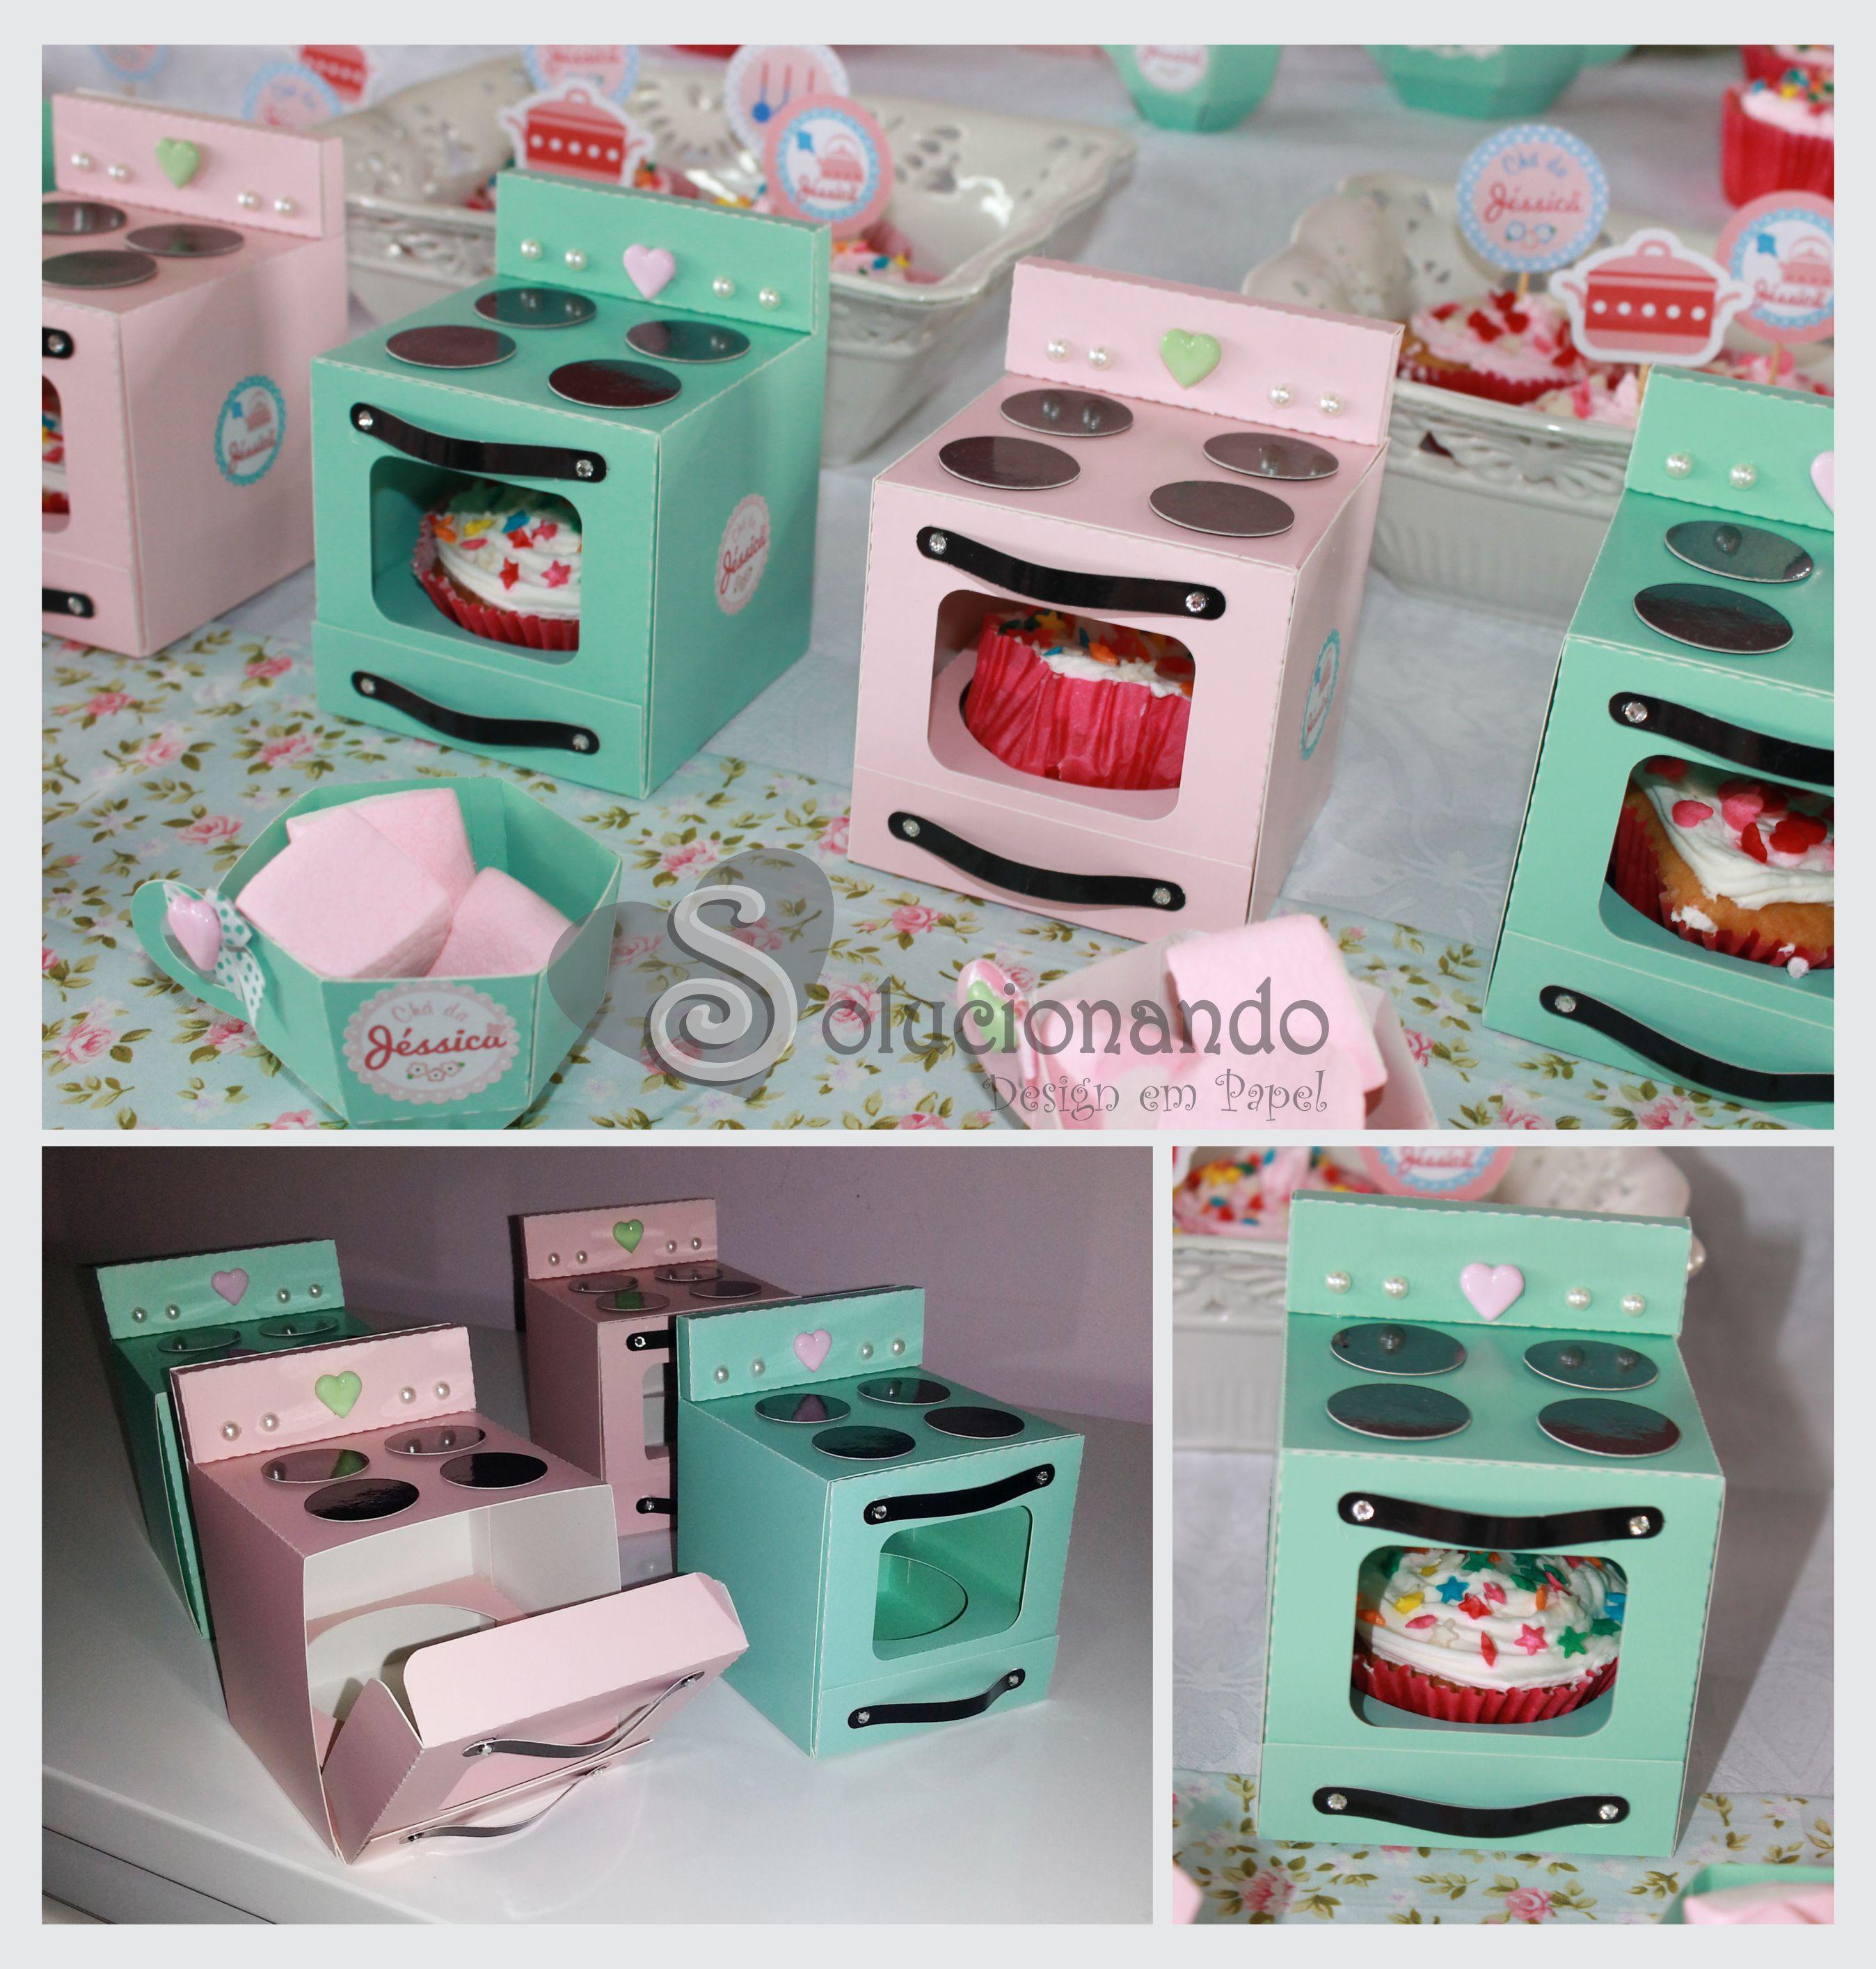 Artesanato Facil Para Halloween ~ Fog u00e3o de Papel Caixa para Cupcake  Solucionando  Design em Papel Elo7